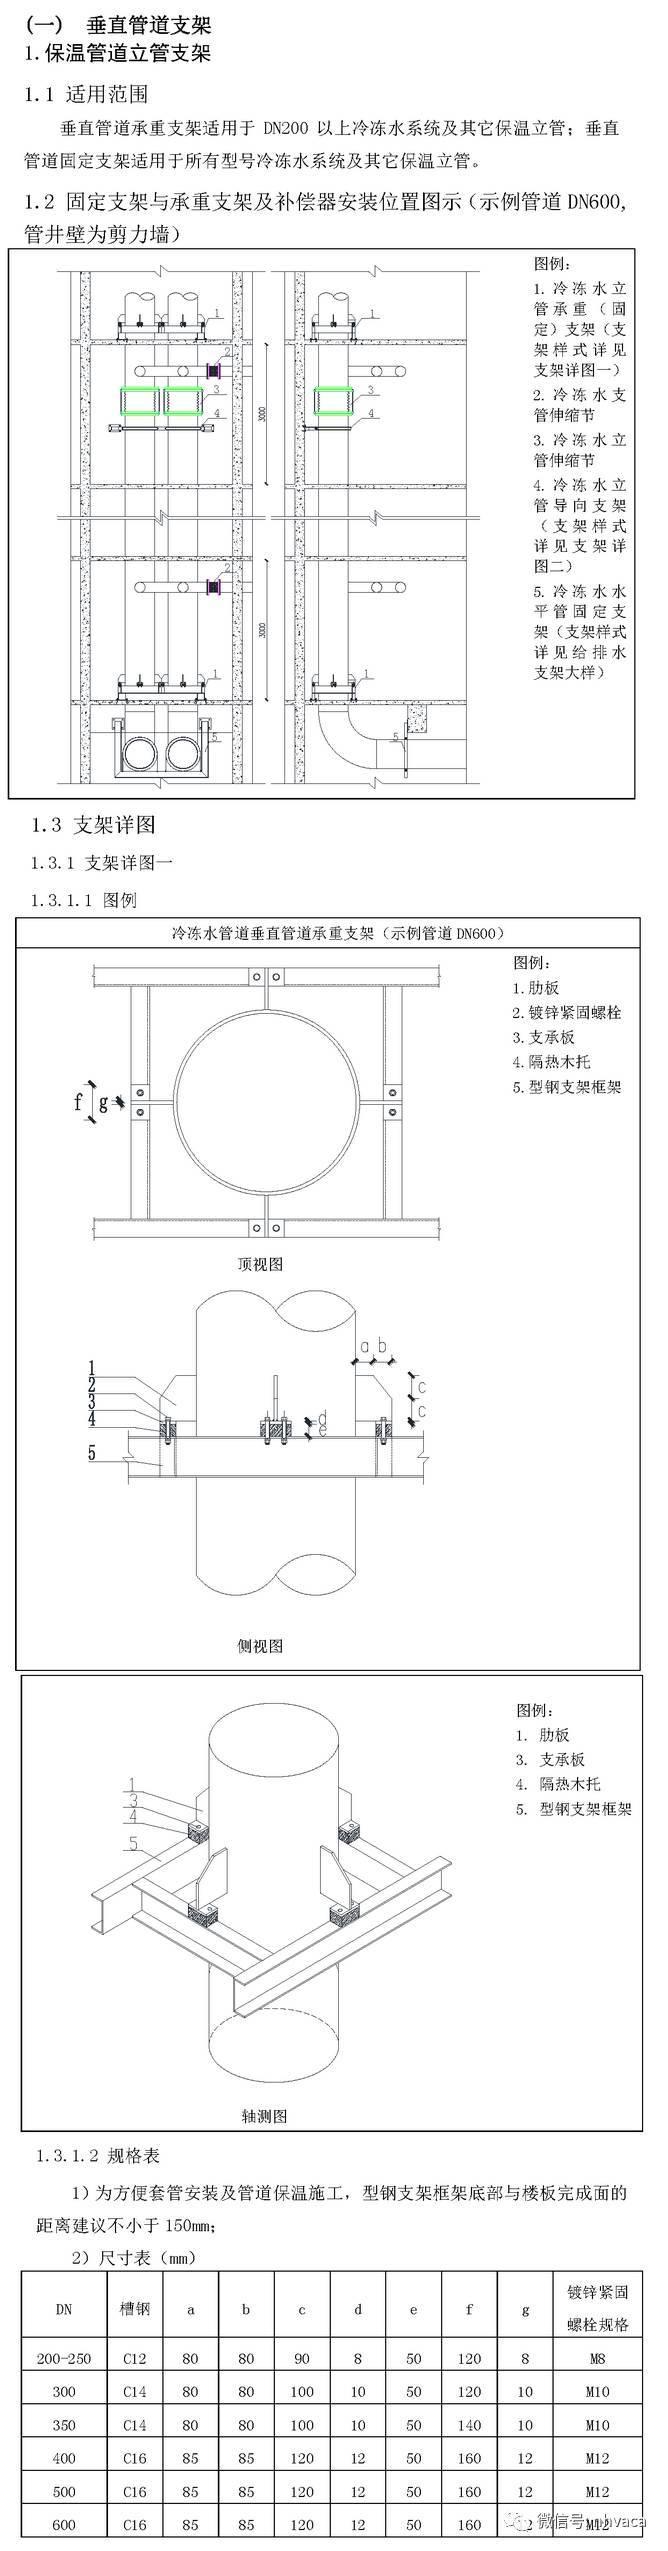 暖通空调施工工艺标准图集(53张图)